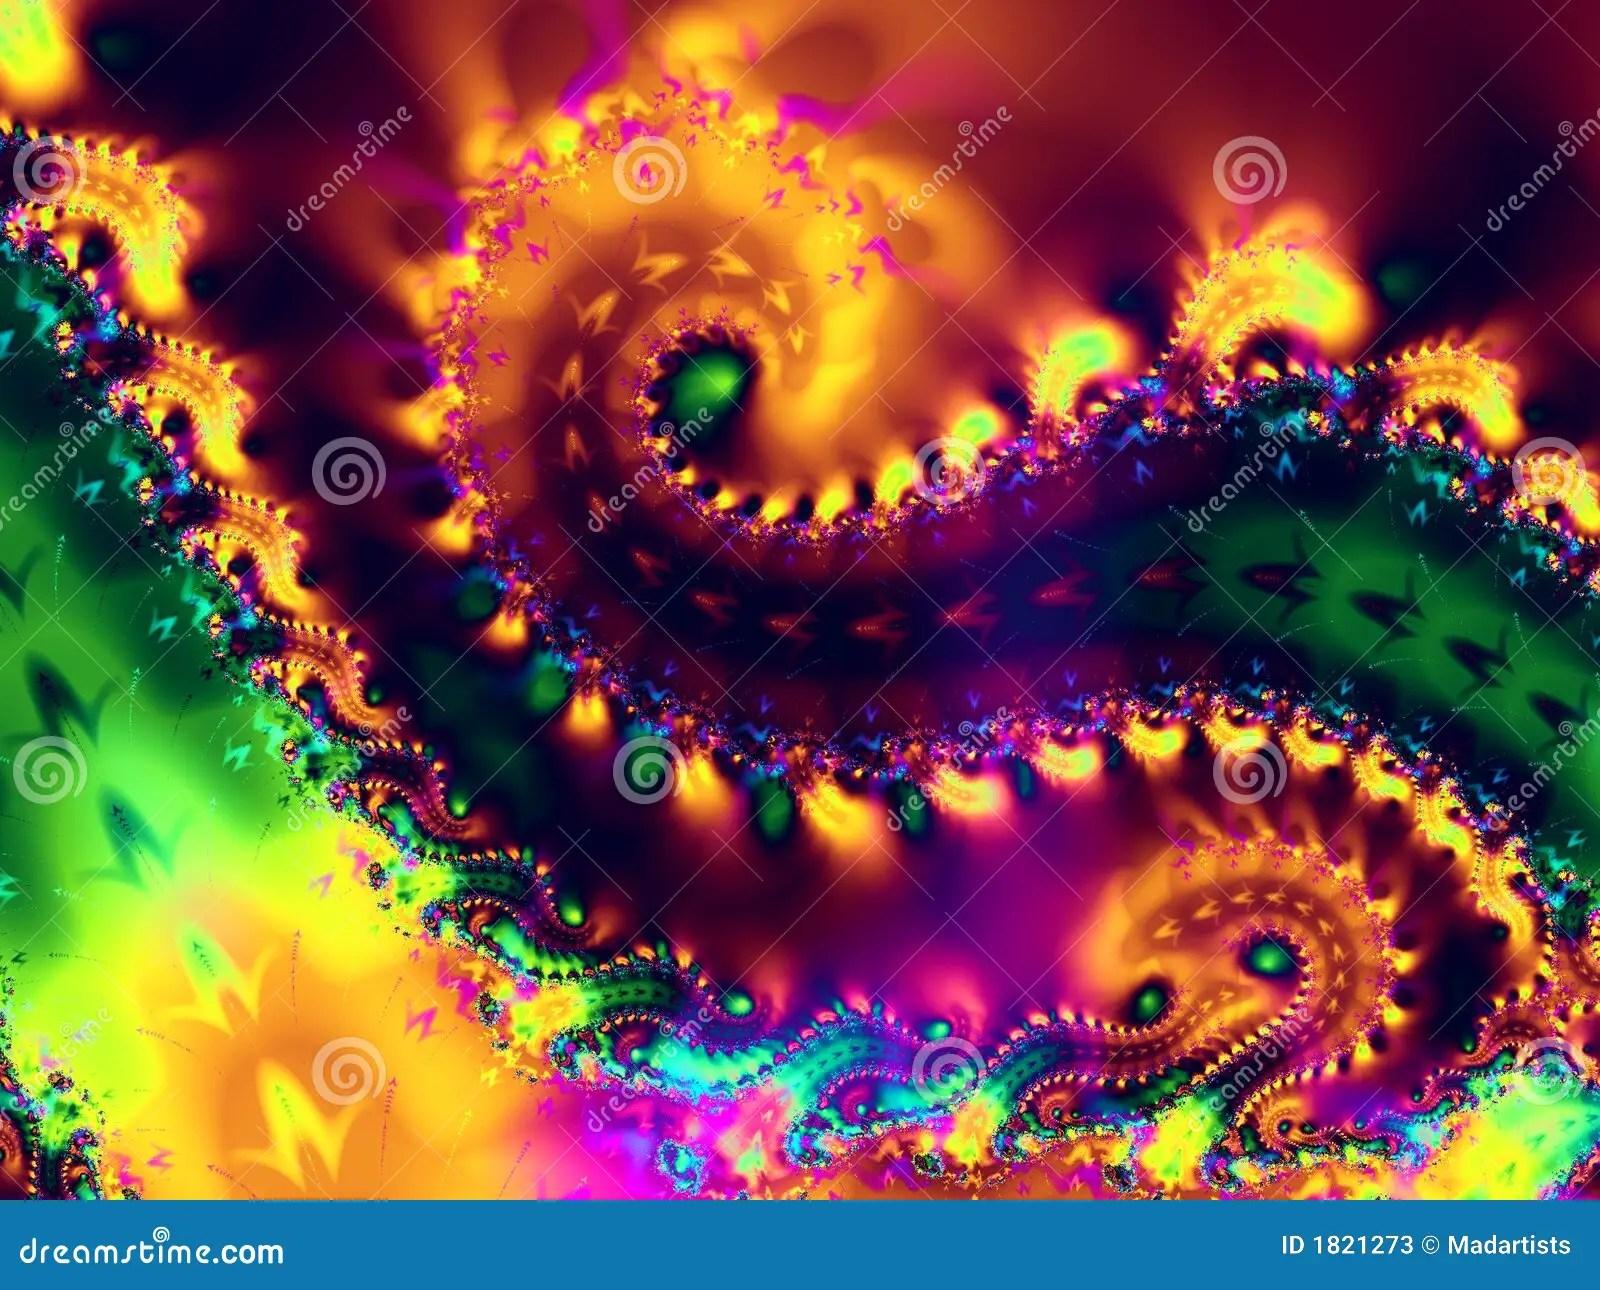 Sweet 3d Hd Wallpaper Spiral Swirls Fractal Texture Stock Photos Image 1821273